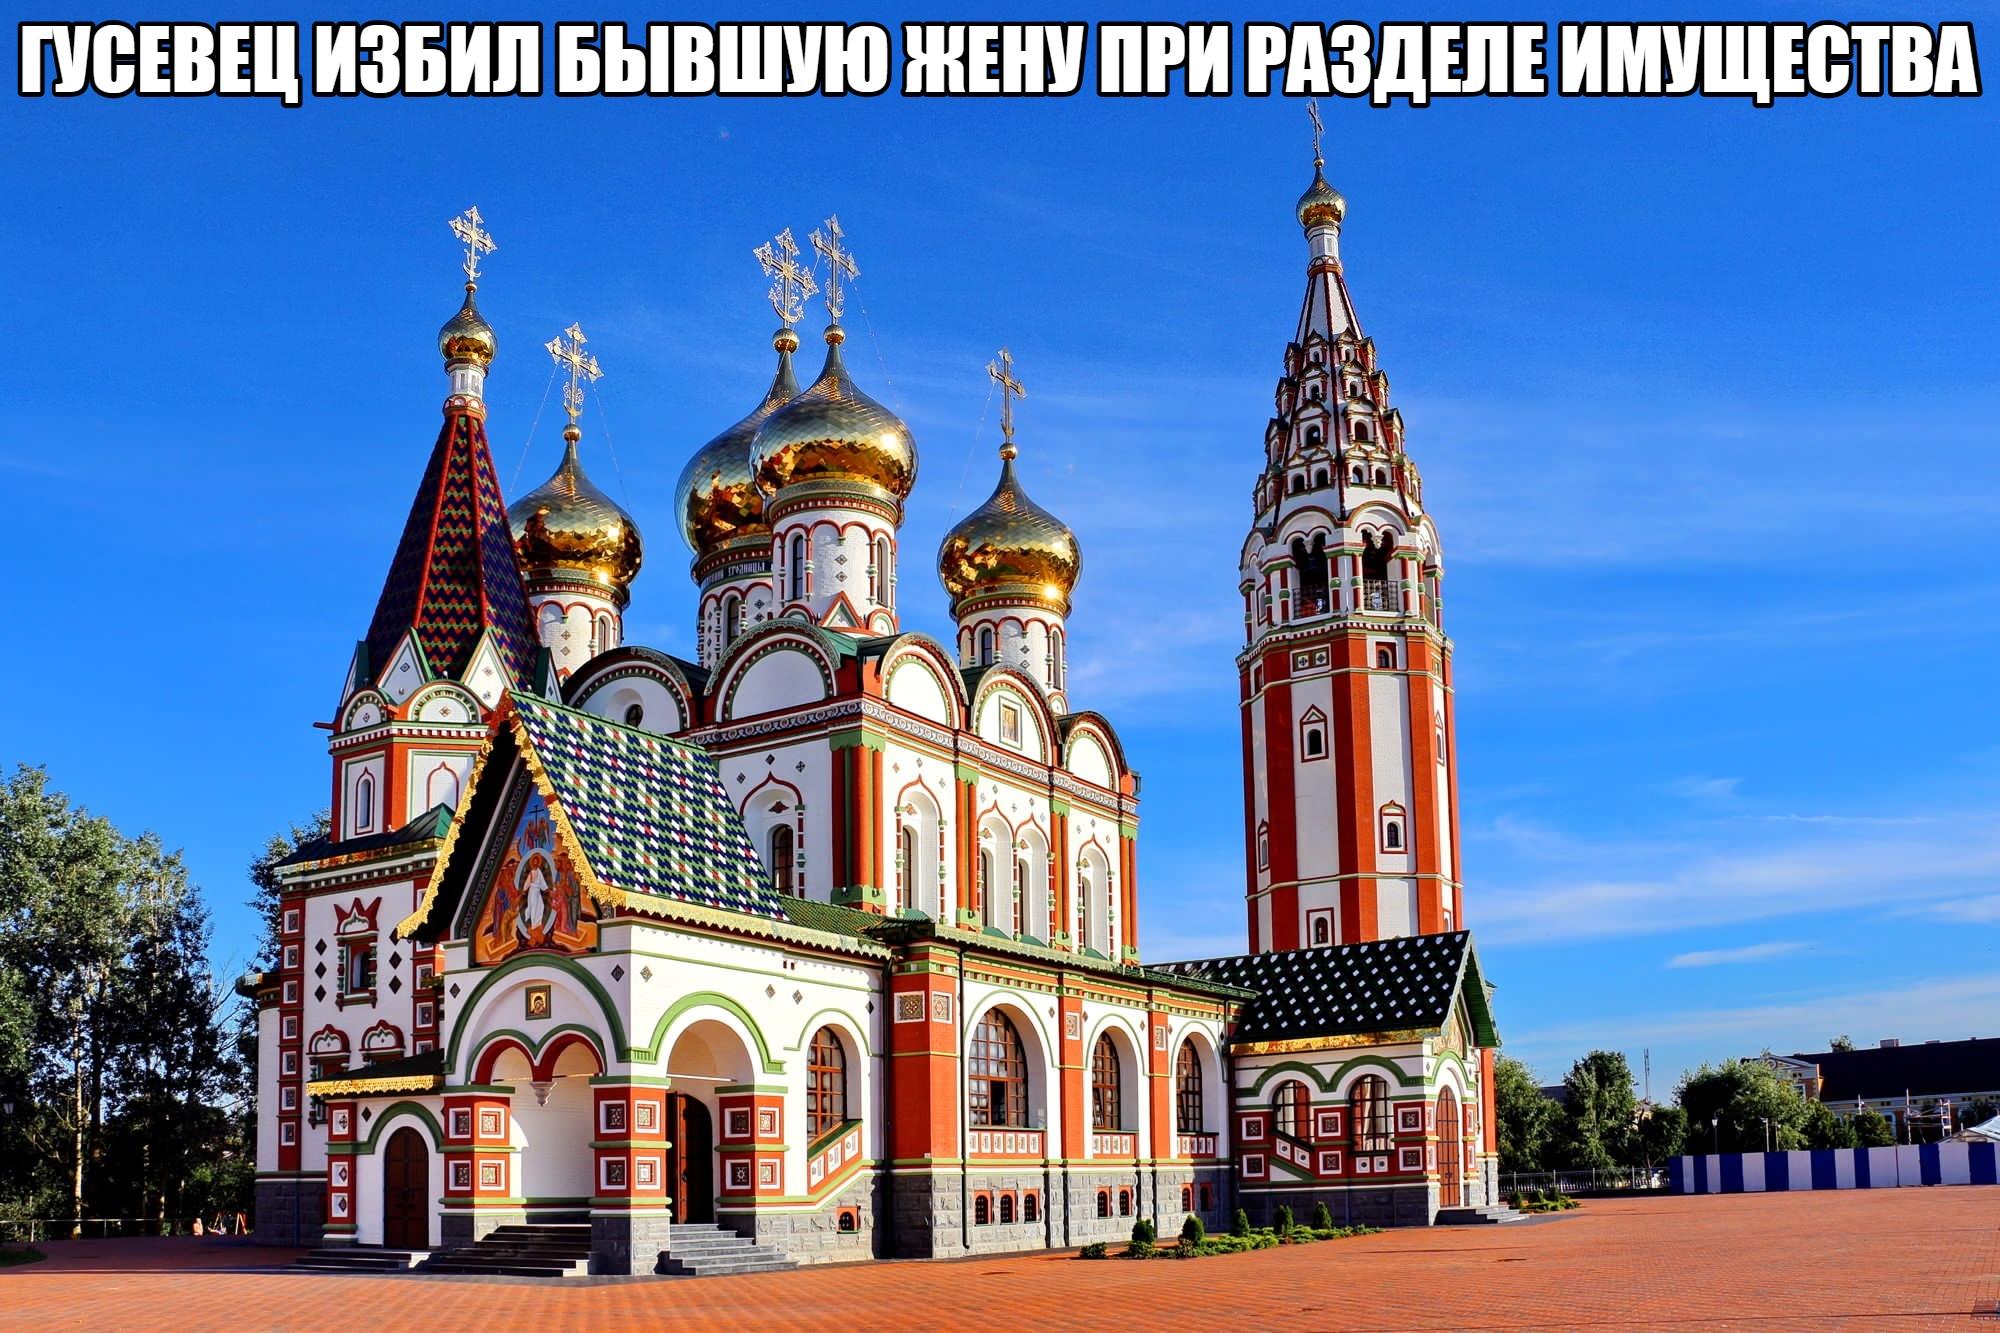 В дежурную часть МО МВД России «Гусевский» обратилась местная жительница с заявлением о том, что ей угрожали убийством.